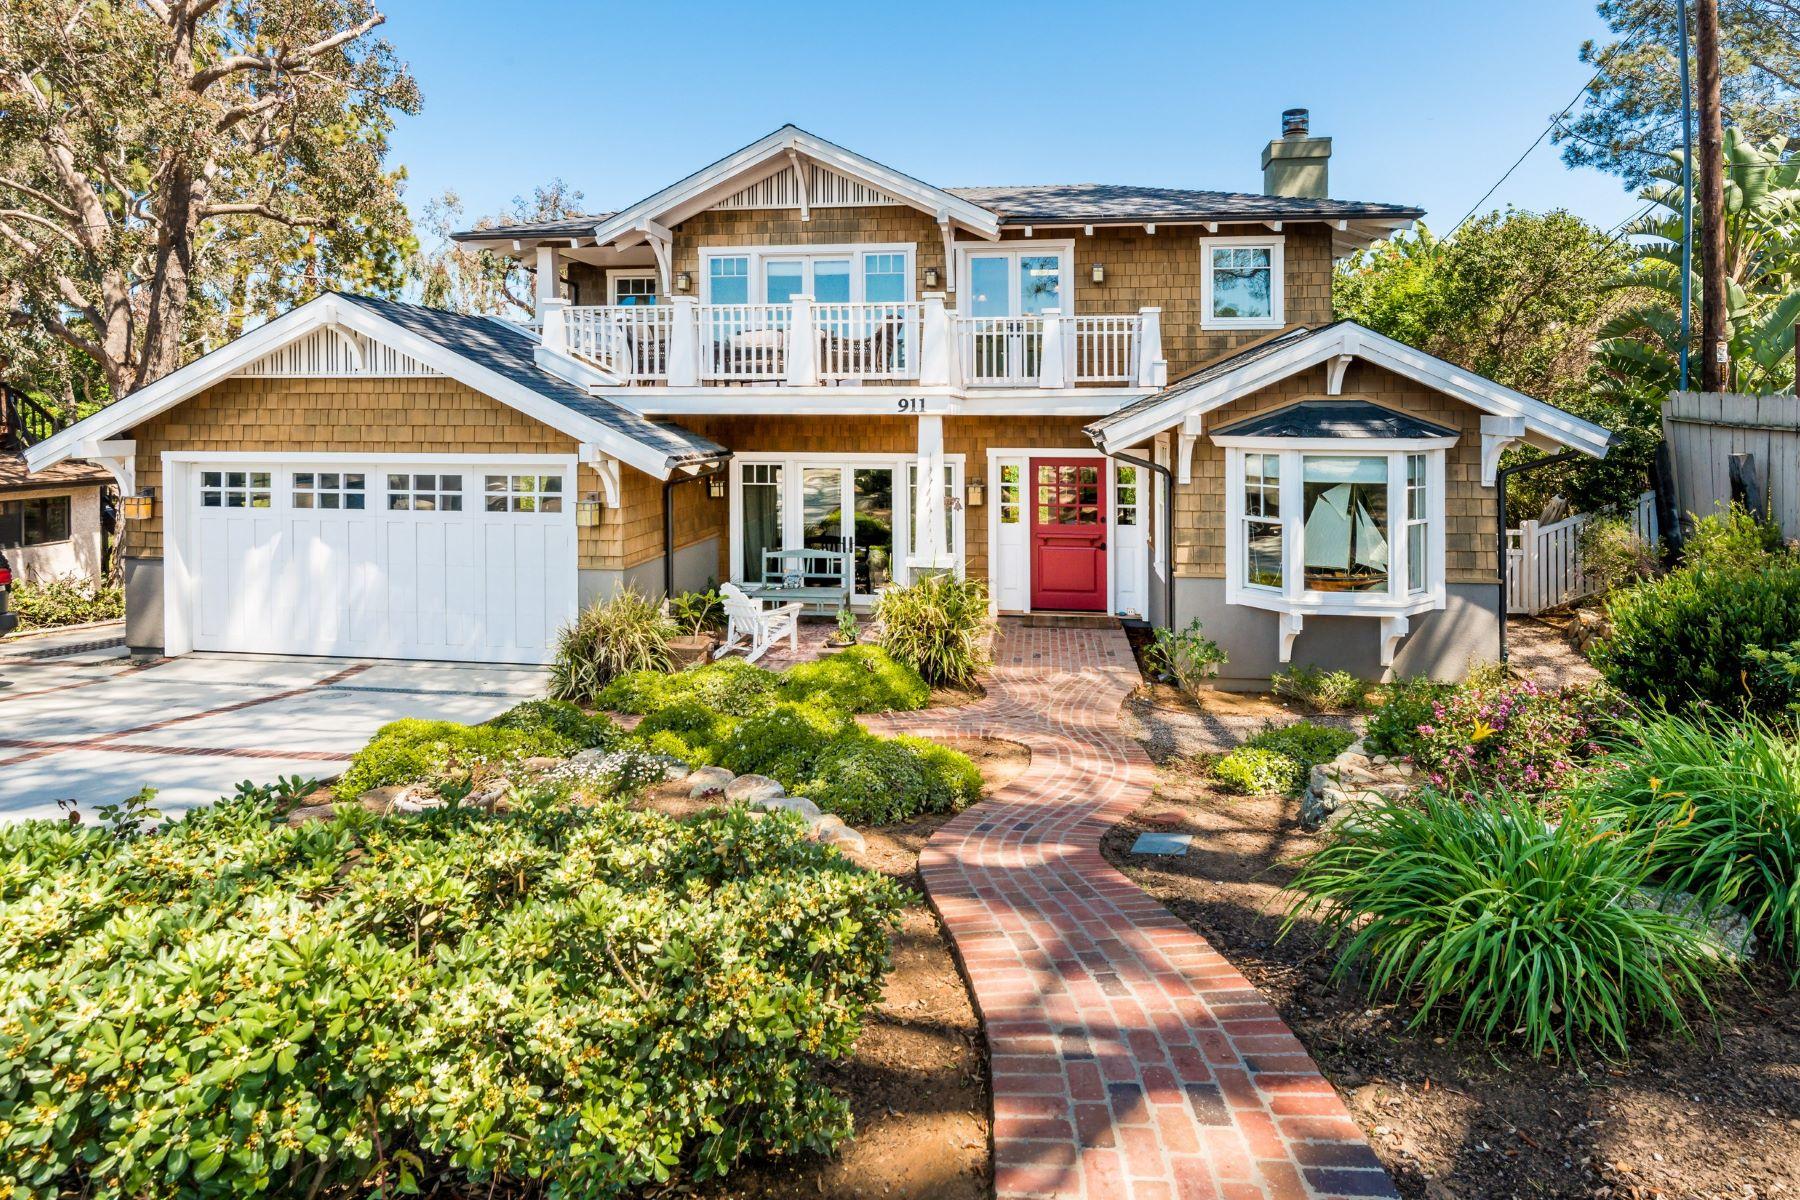 独户住宅 为 销售 在 911 Cornish Drive 恩悉尼塔斯, 加利福尼亚州, 92024 美国